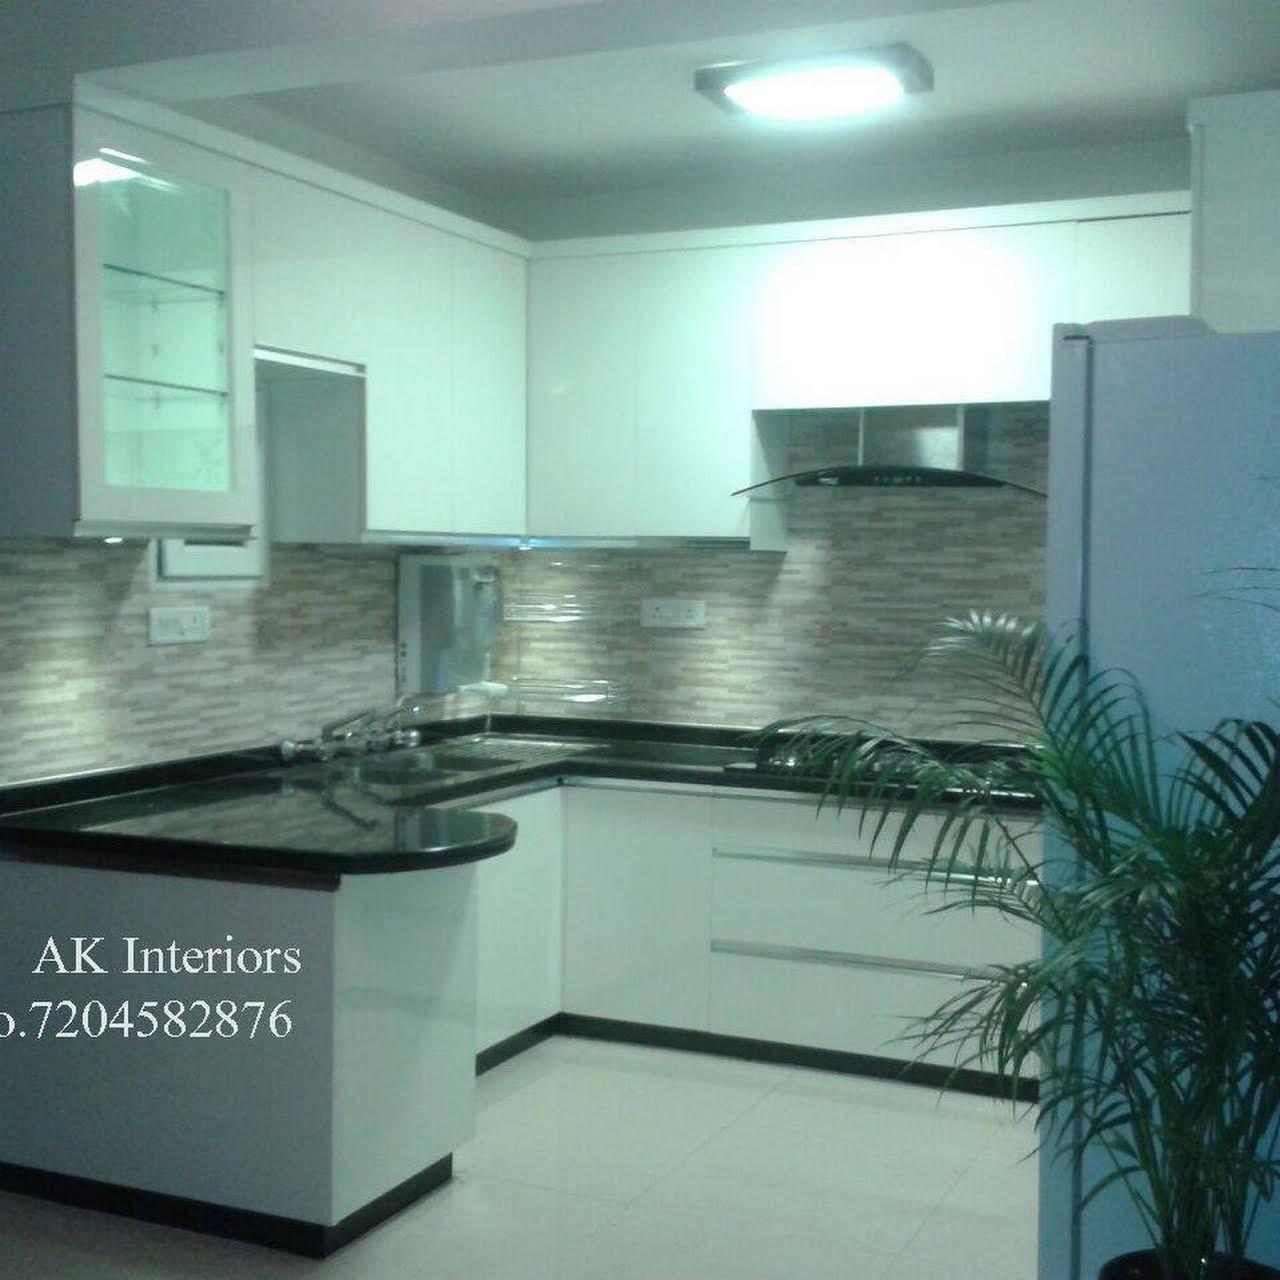 AK INTERIORS - Modular Kitchen Manufacturer in Bangalore